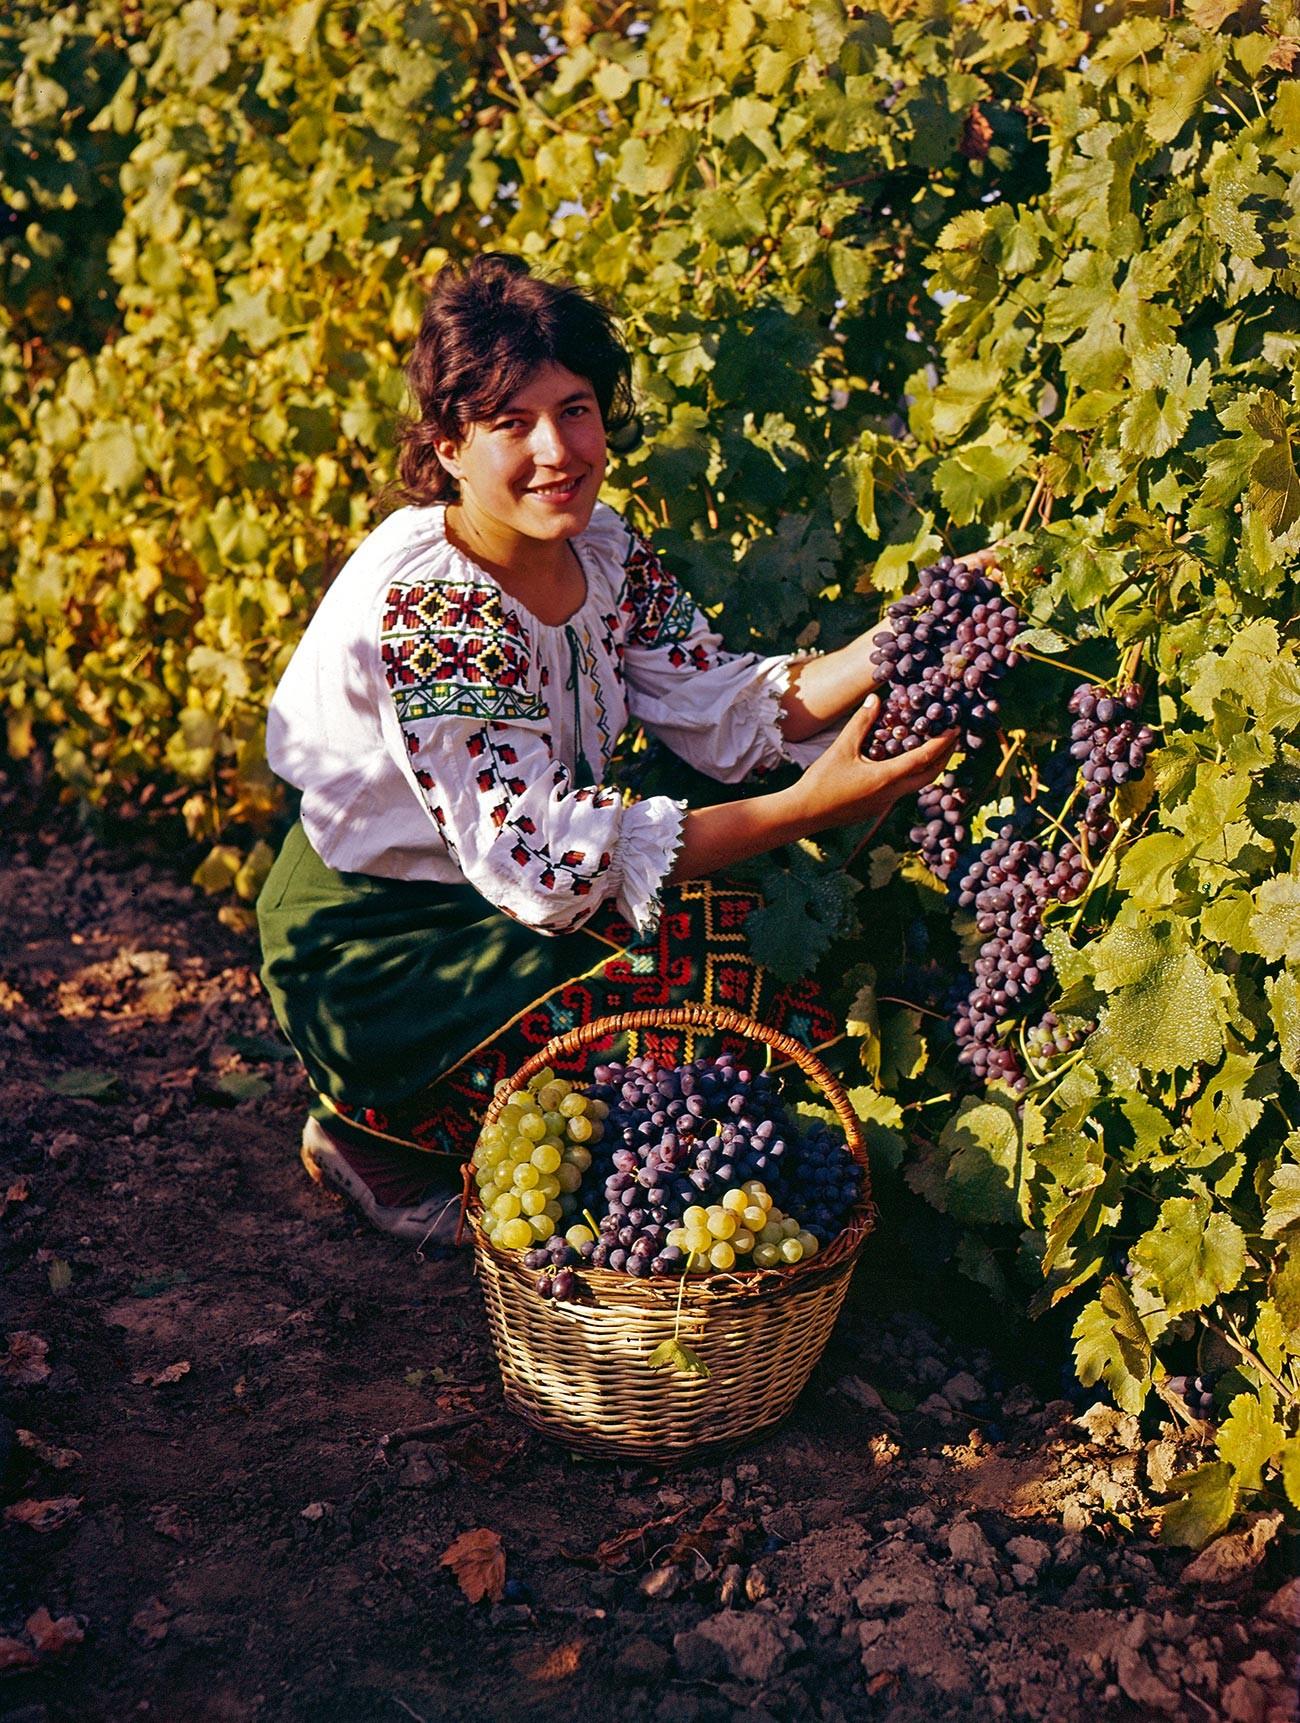 Cosecha de uva en la República Socialista Soviética de Moldavia, 1972.